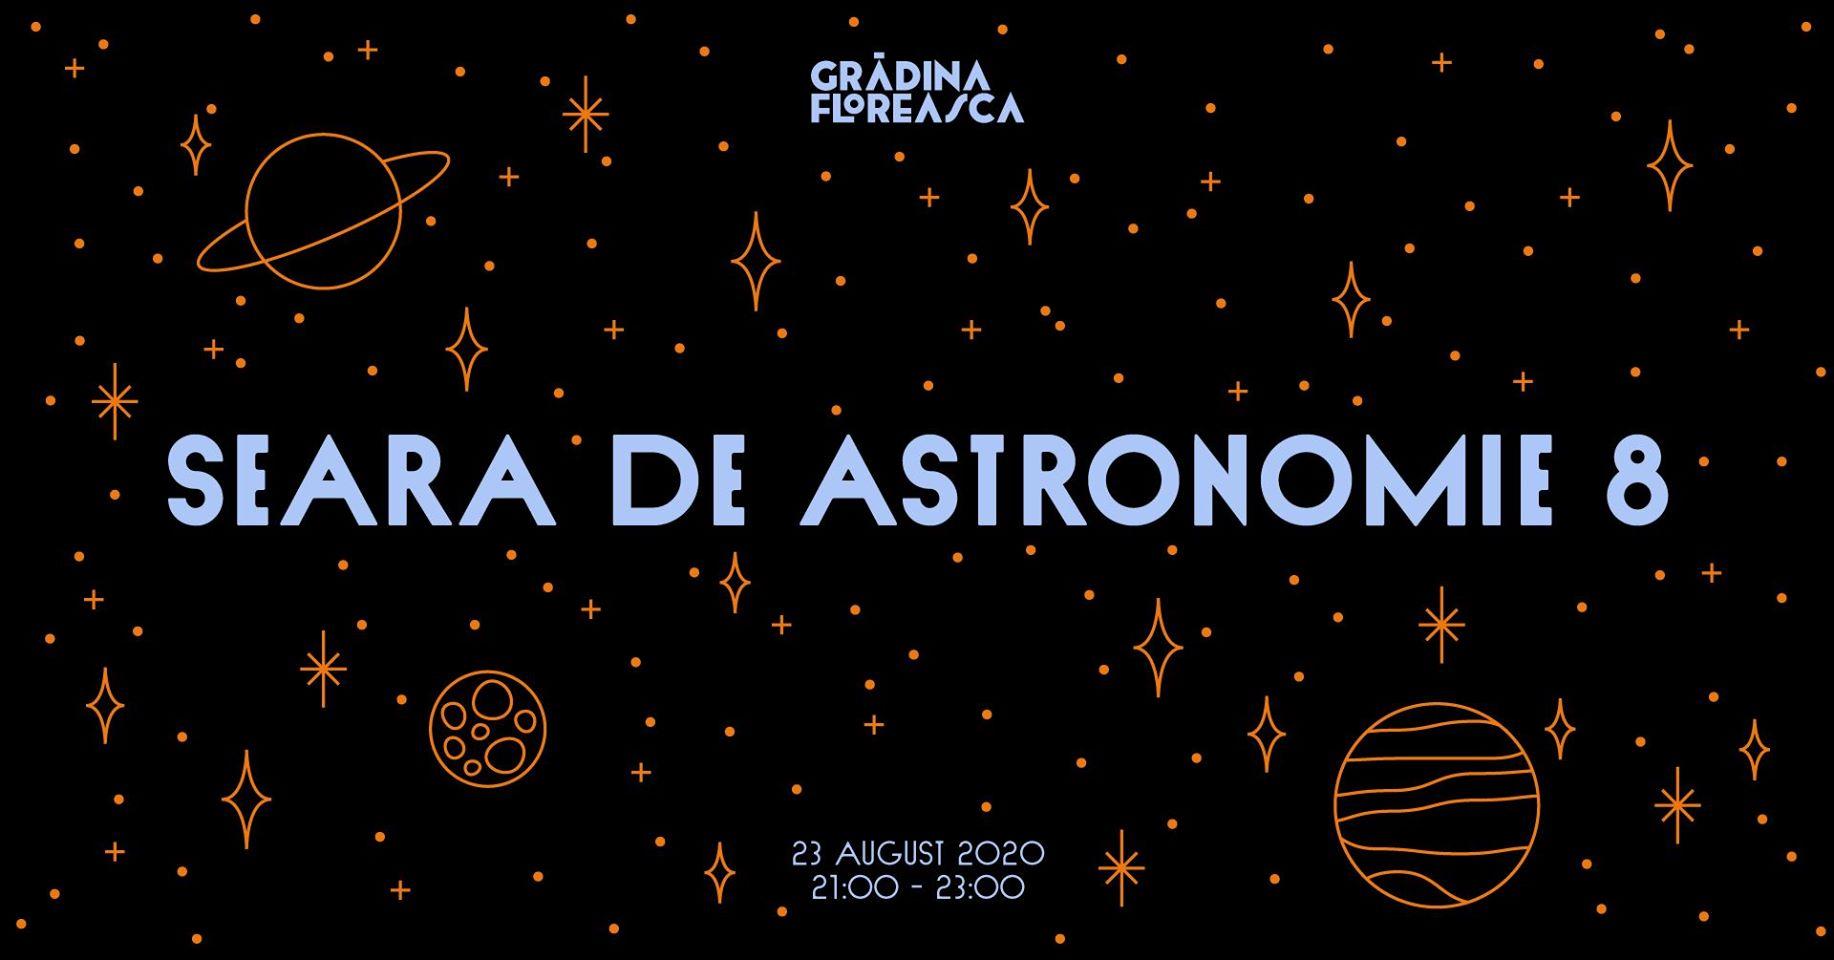 evenimente weekend 21-23 august seara de astronomie la gradina floreasca